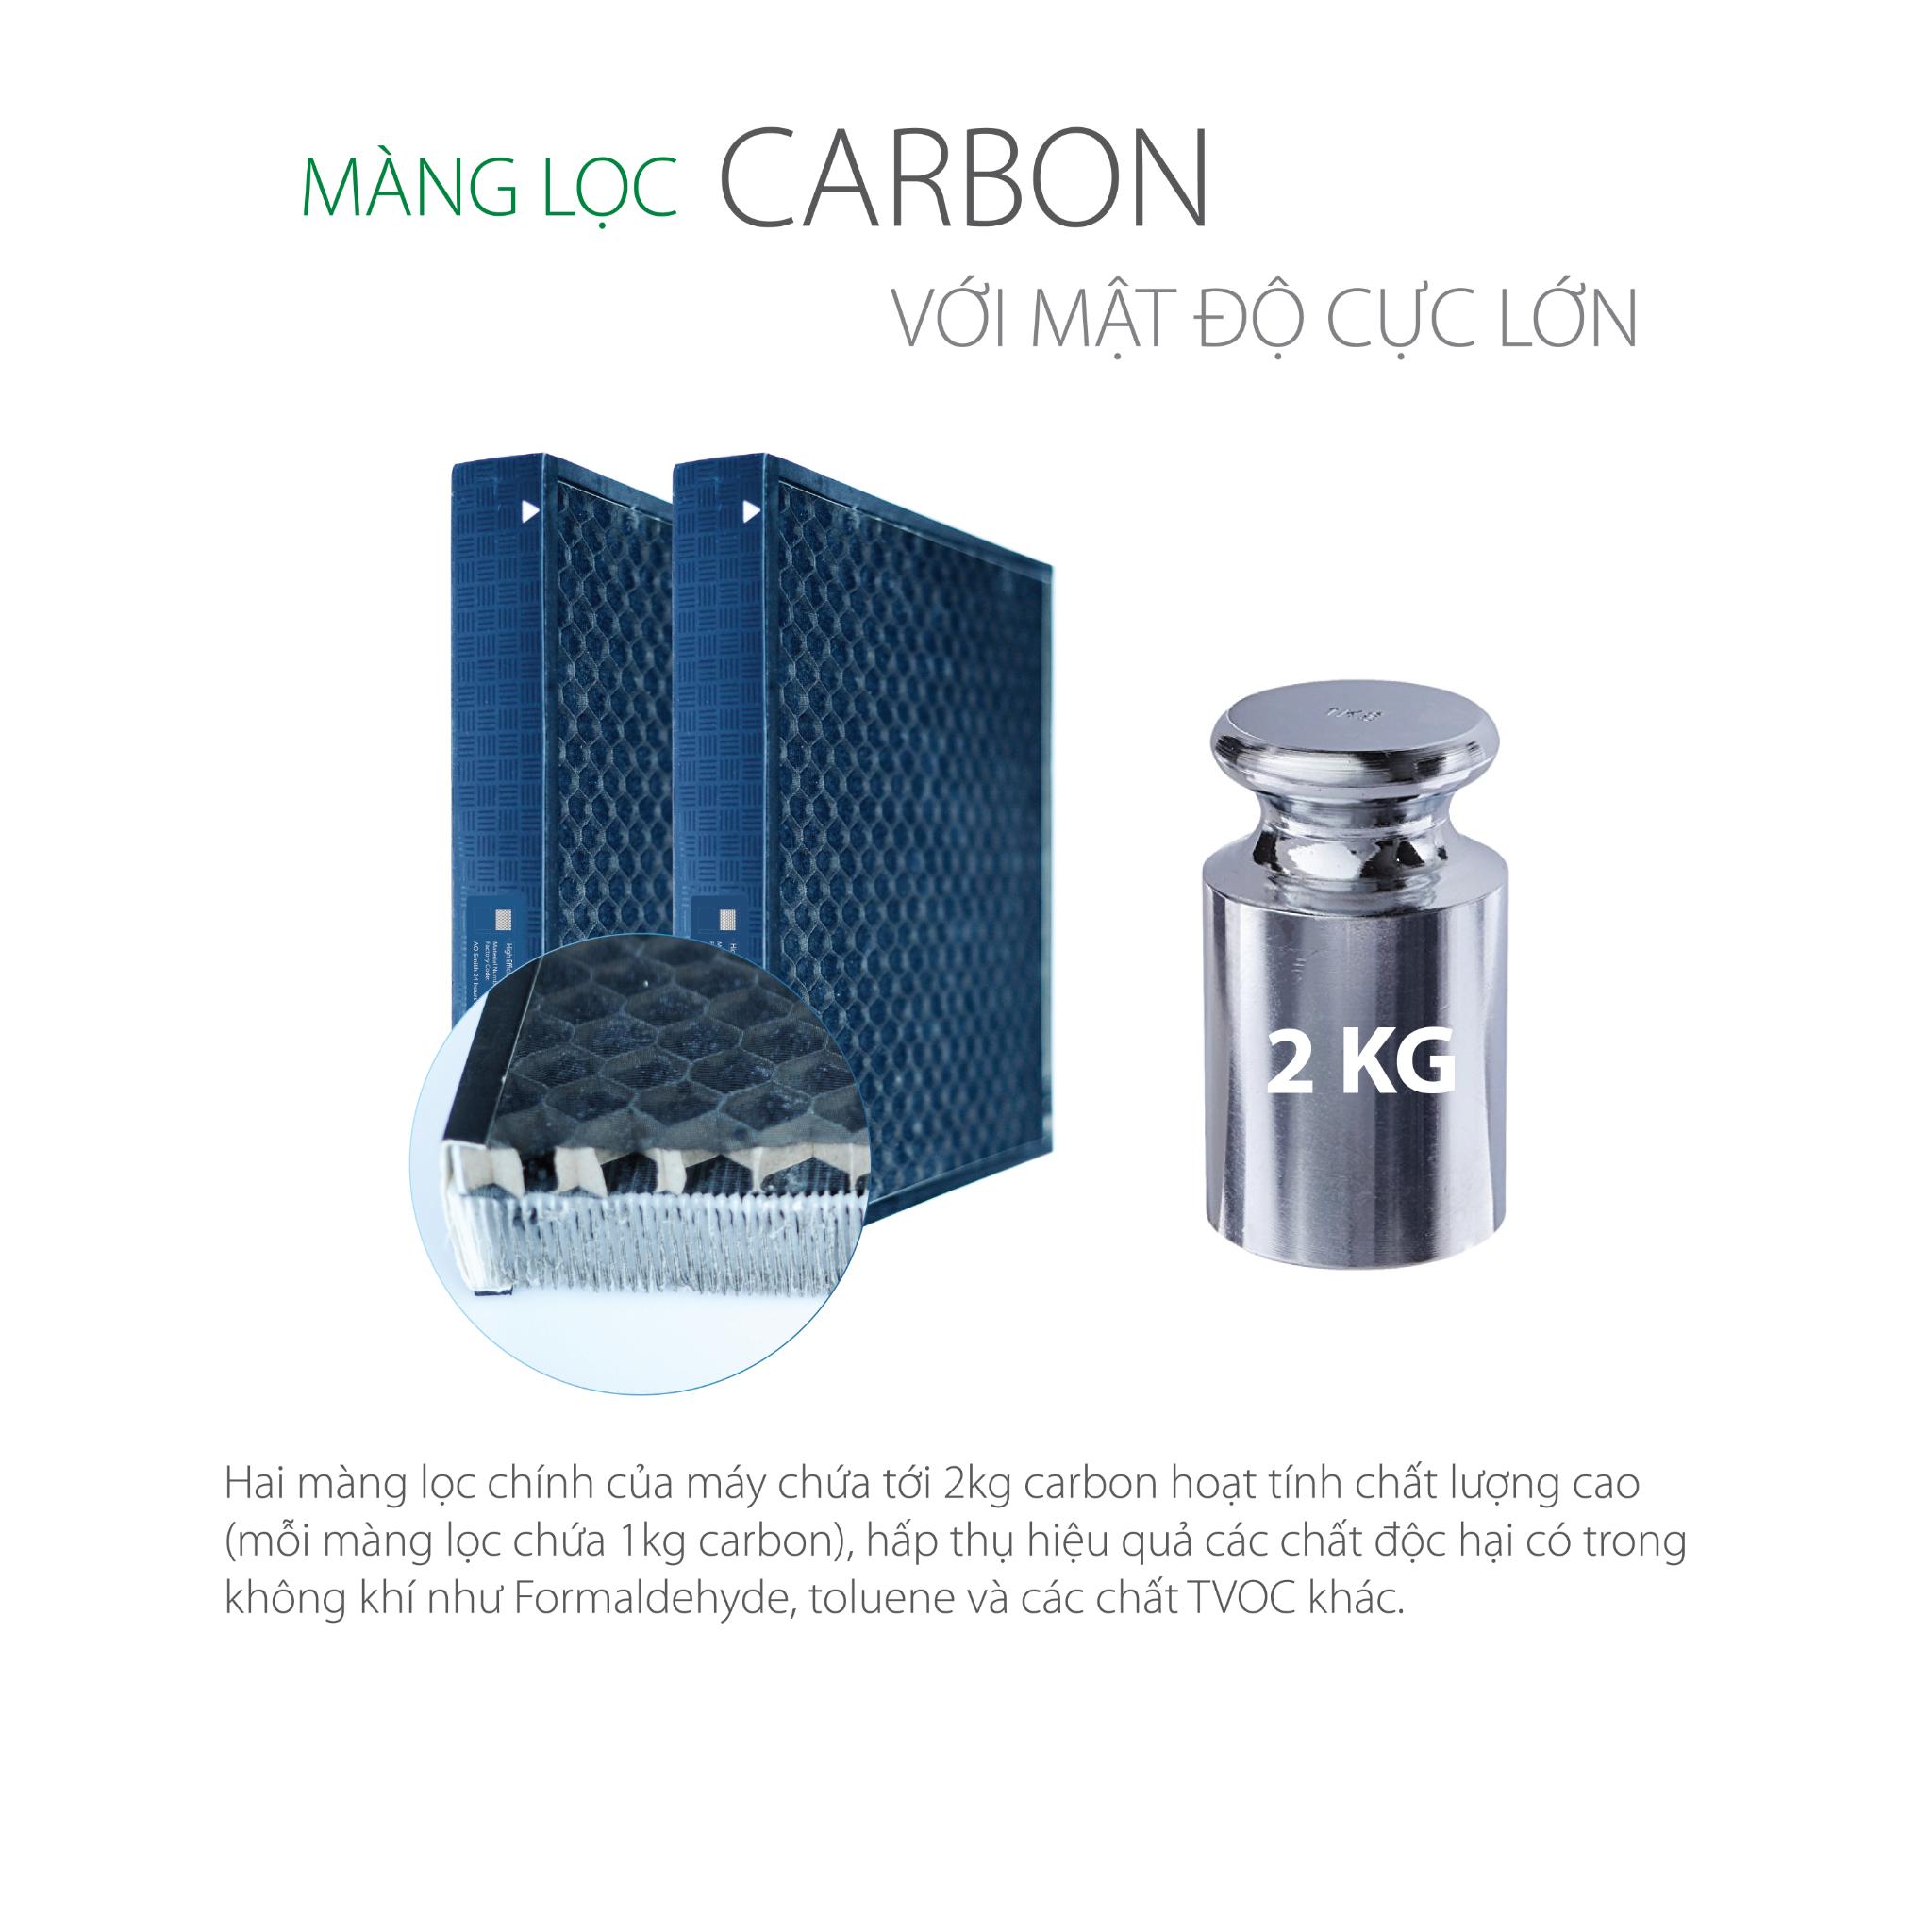 Màng lọc Carbon